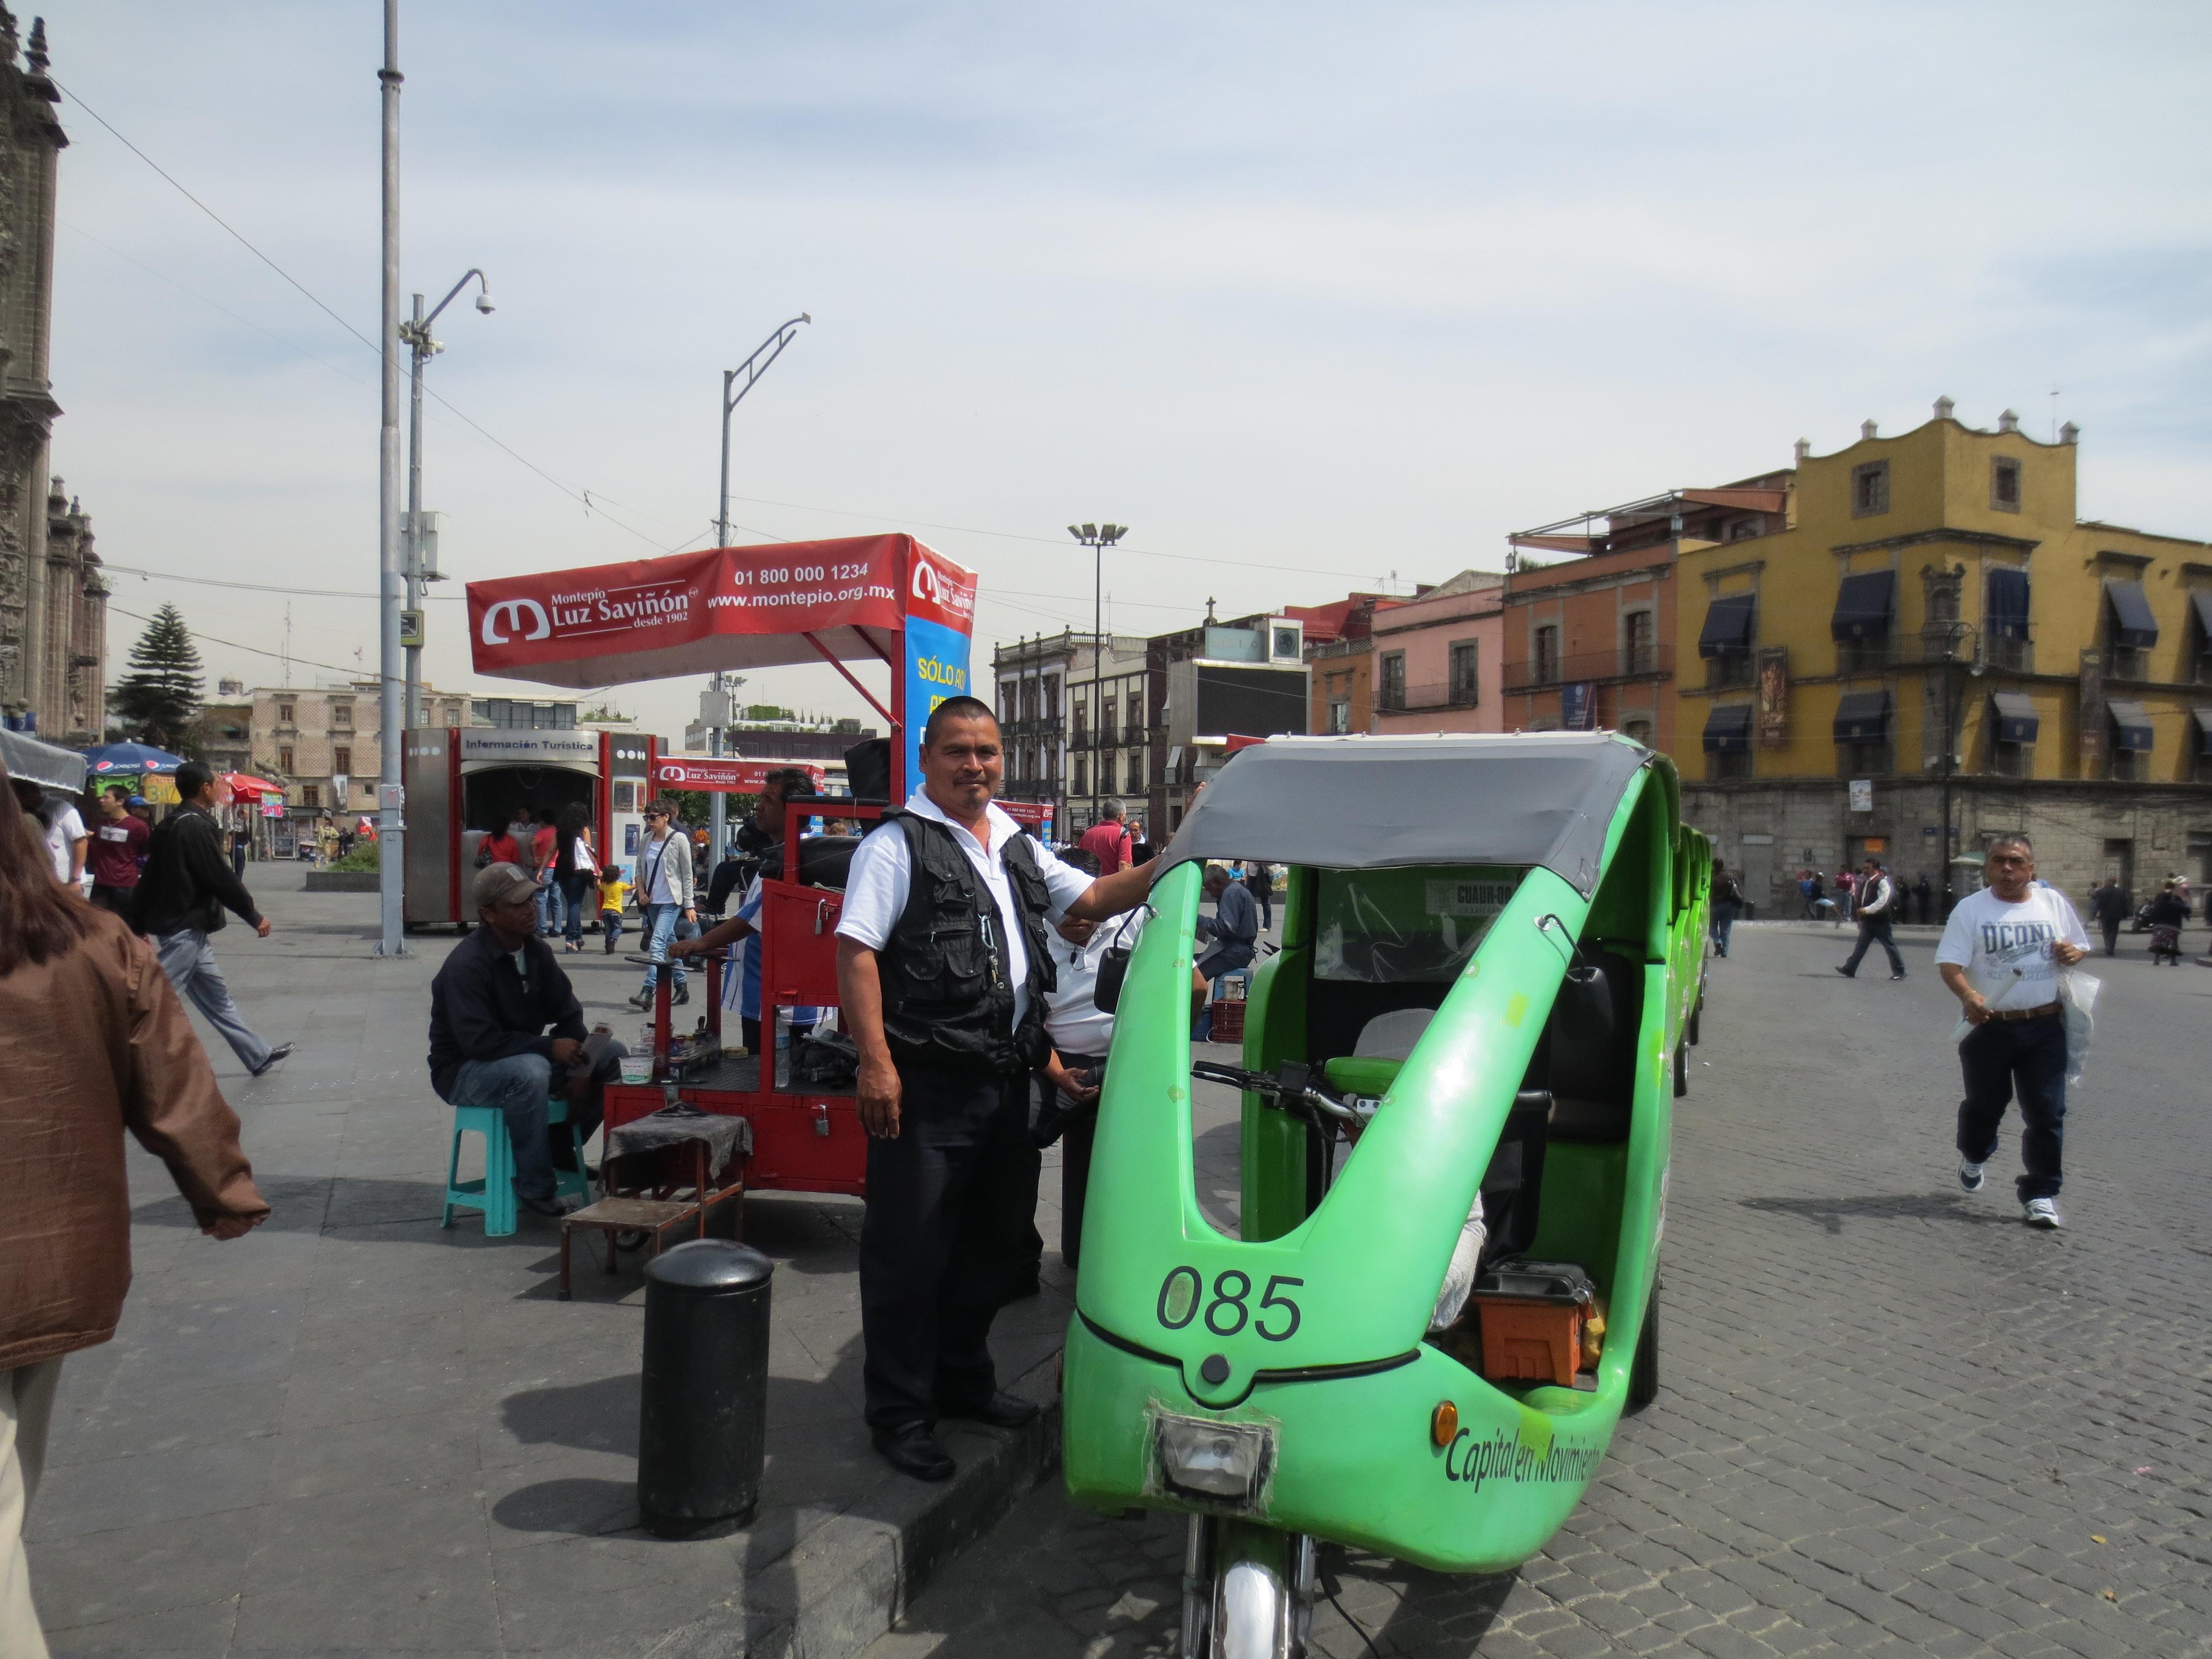 Blas Villegas, a la espera de pasaje para su ciclotaxi. Foto: María Luisa Arredondo/El Pasajero.